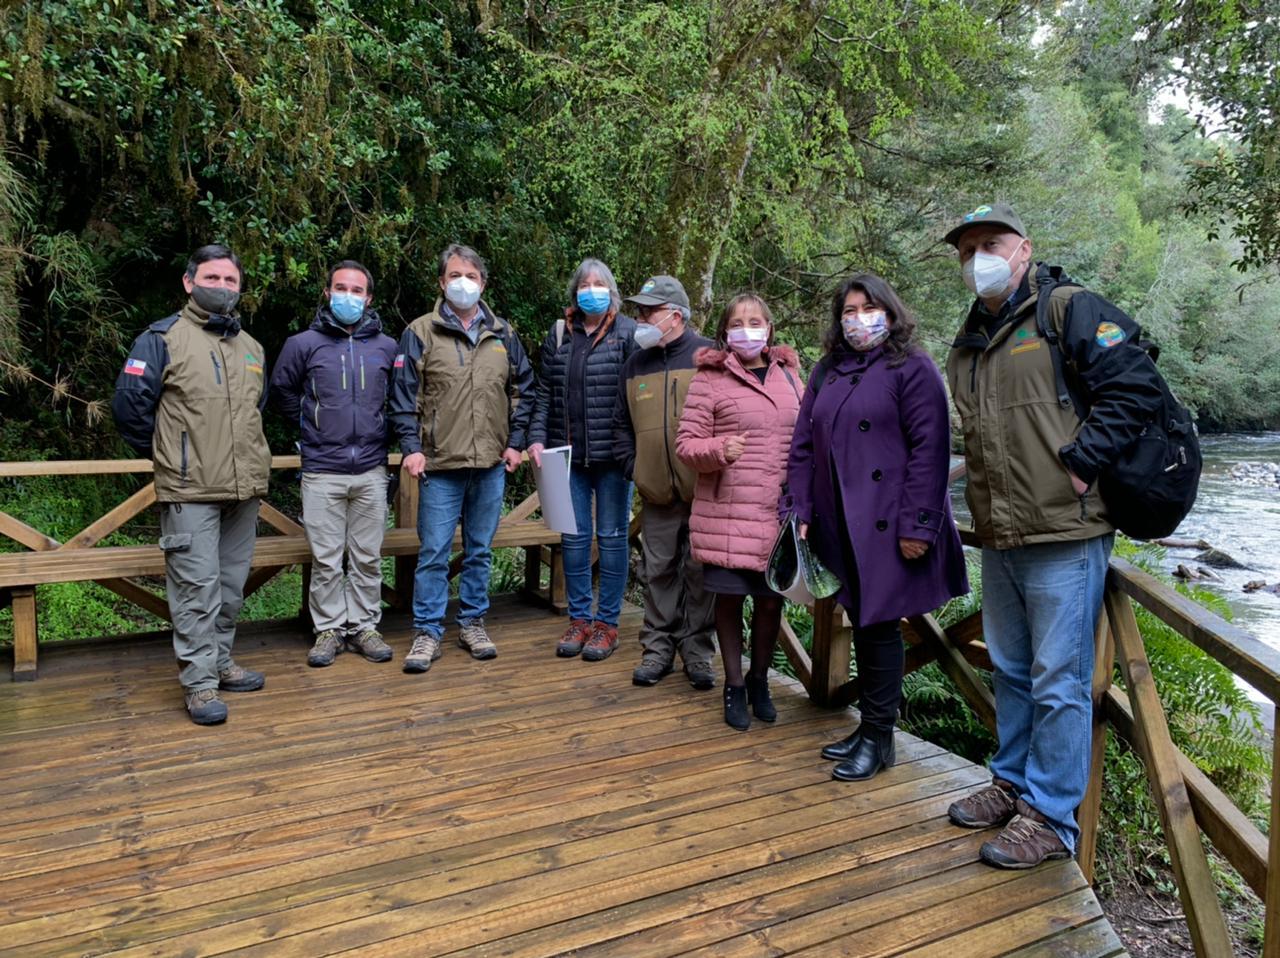 Parque Nacional Puyehue trabaja en nuevo plan maestro e inaugura nuevas herramientas de accesibilidad universal